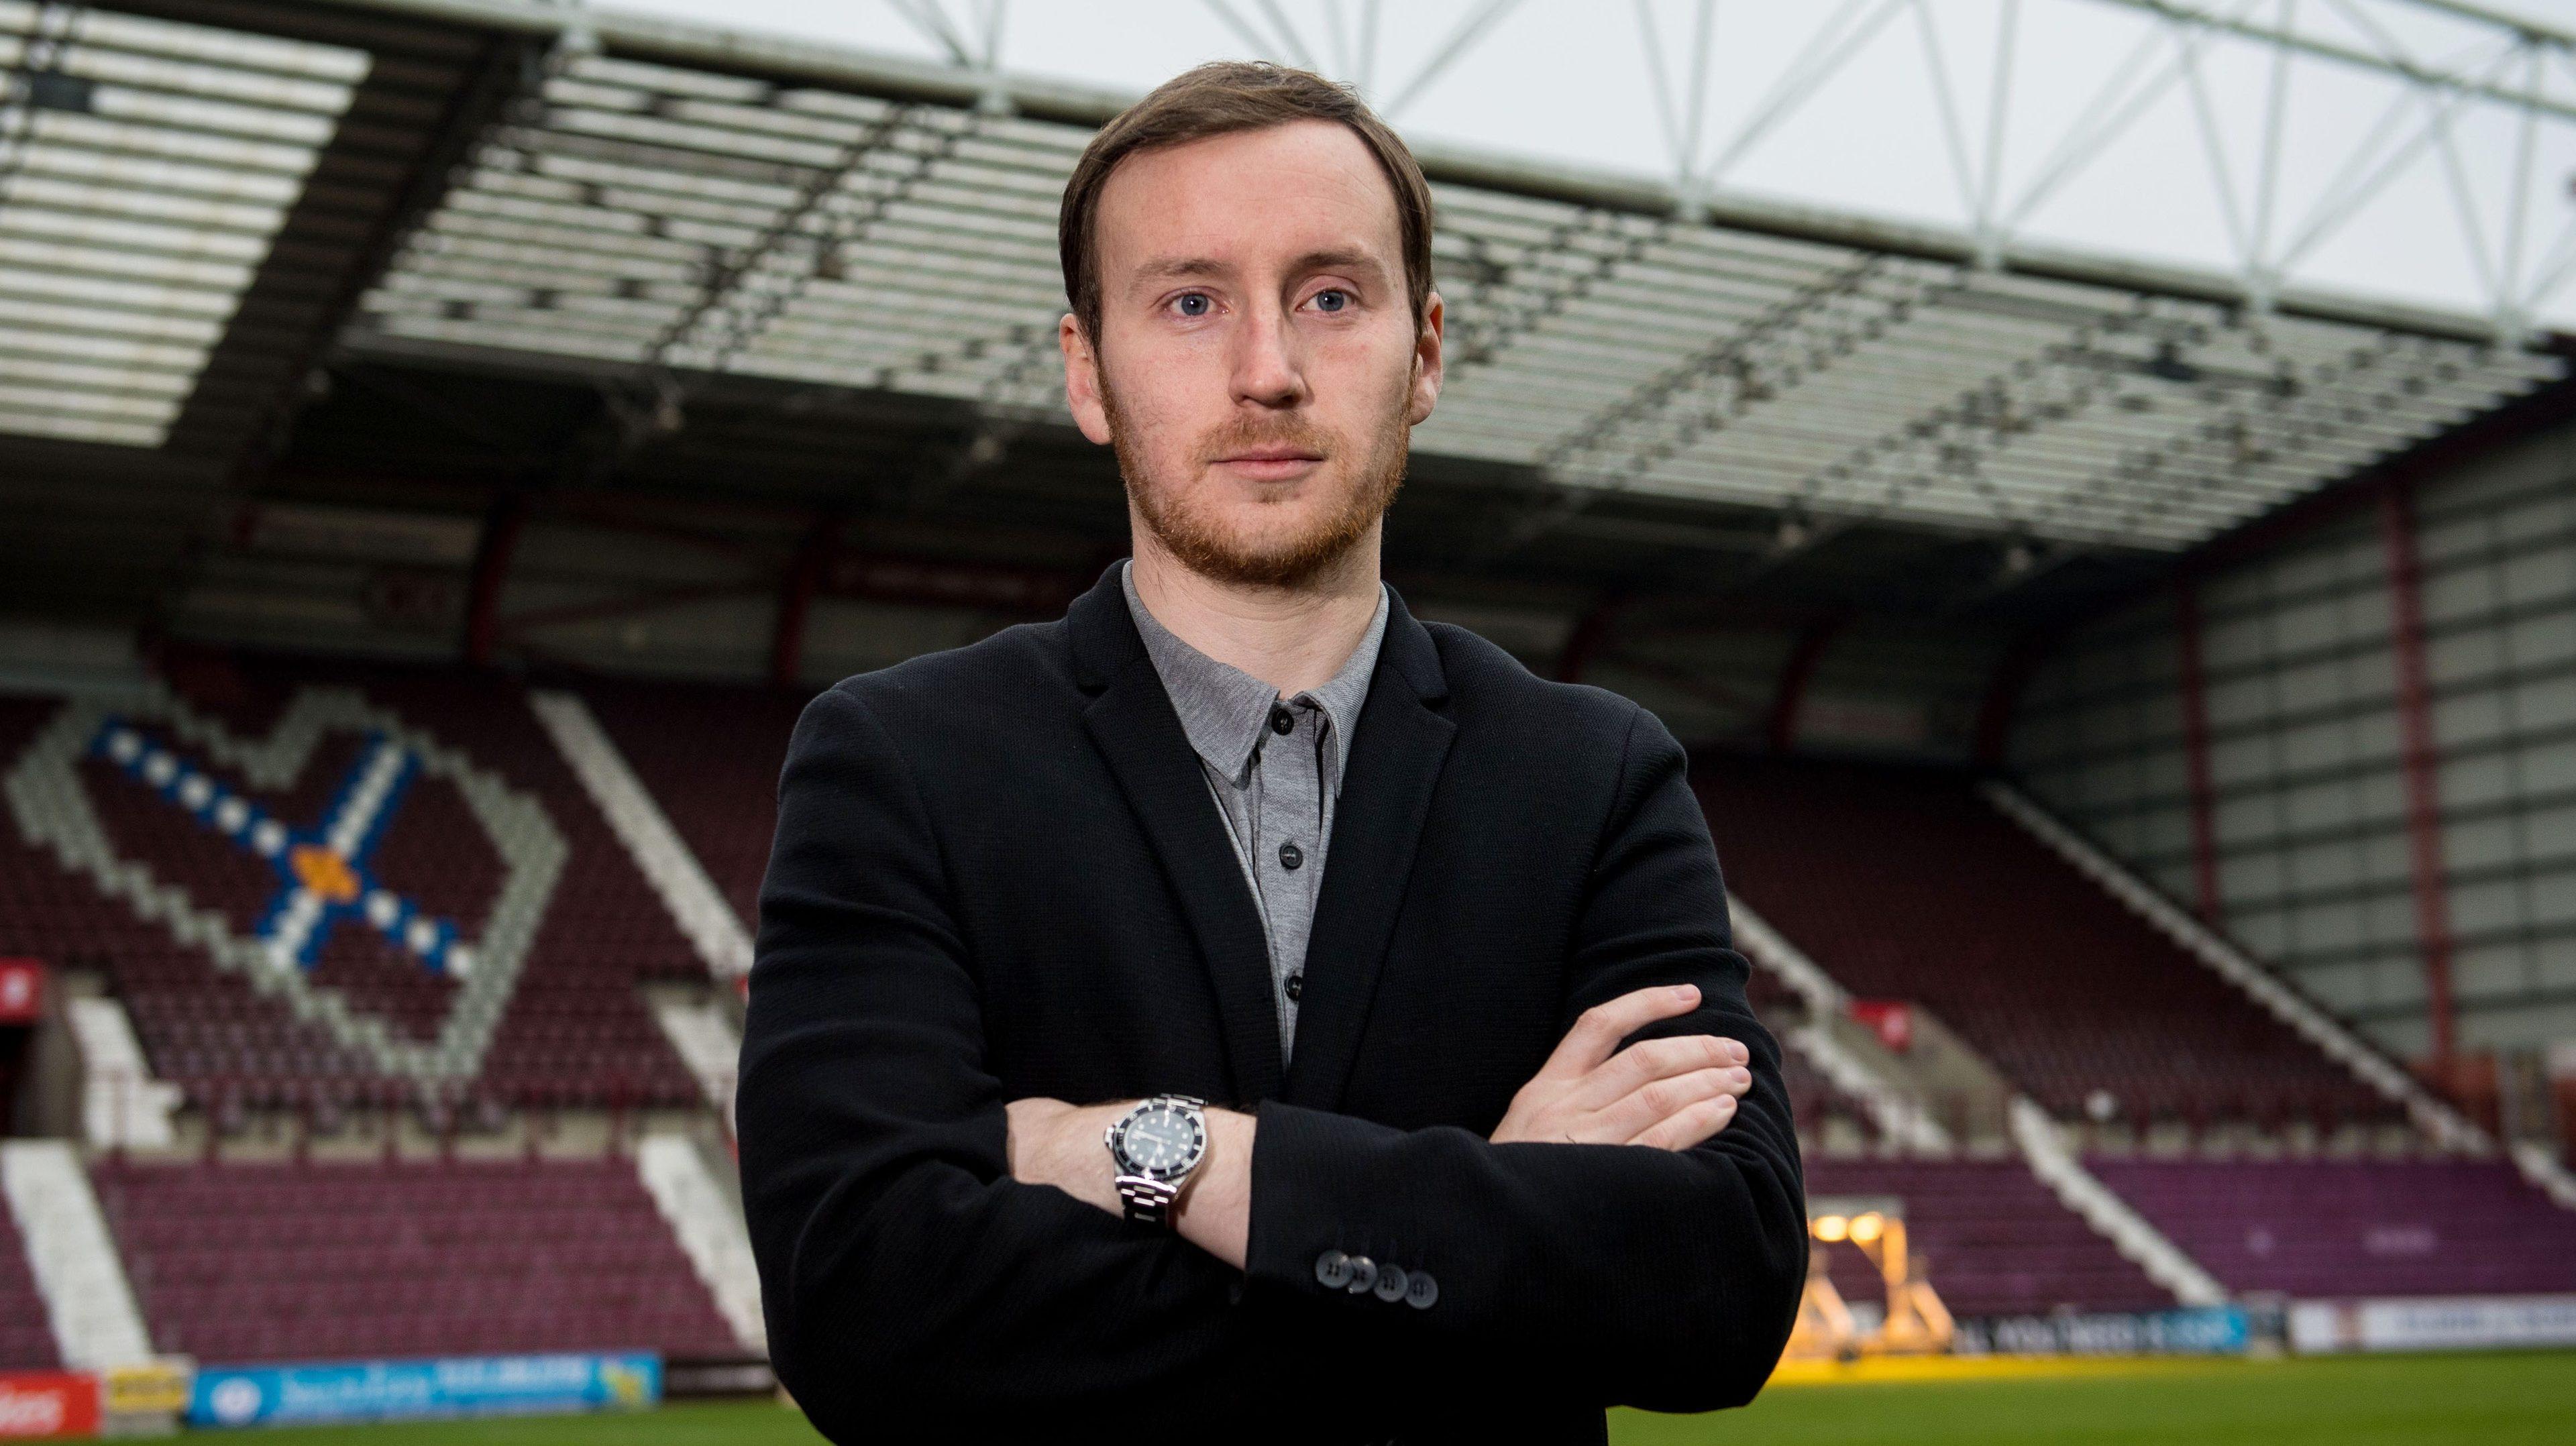 Hearts' new head coach Ian Cathro